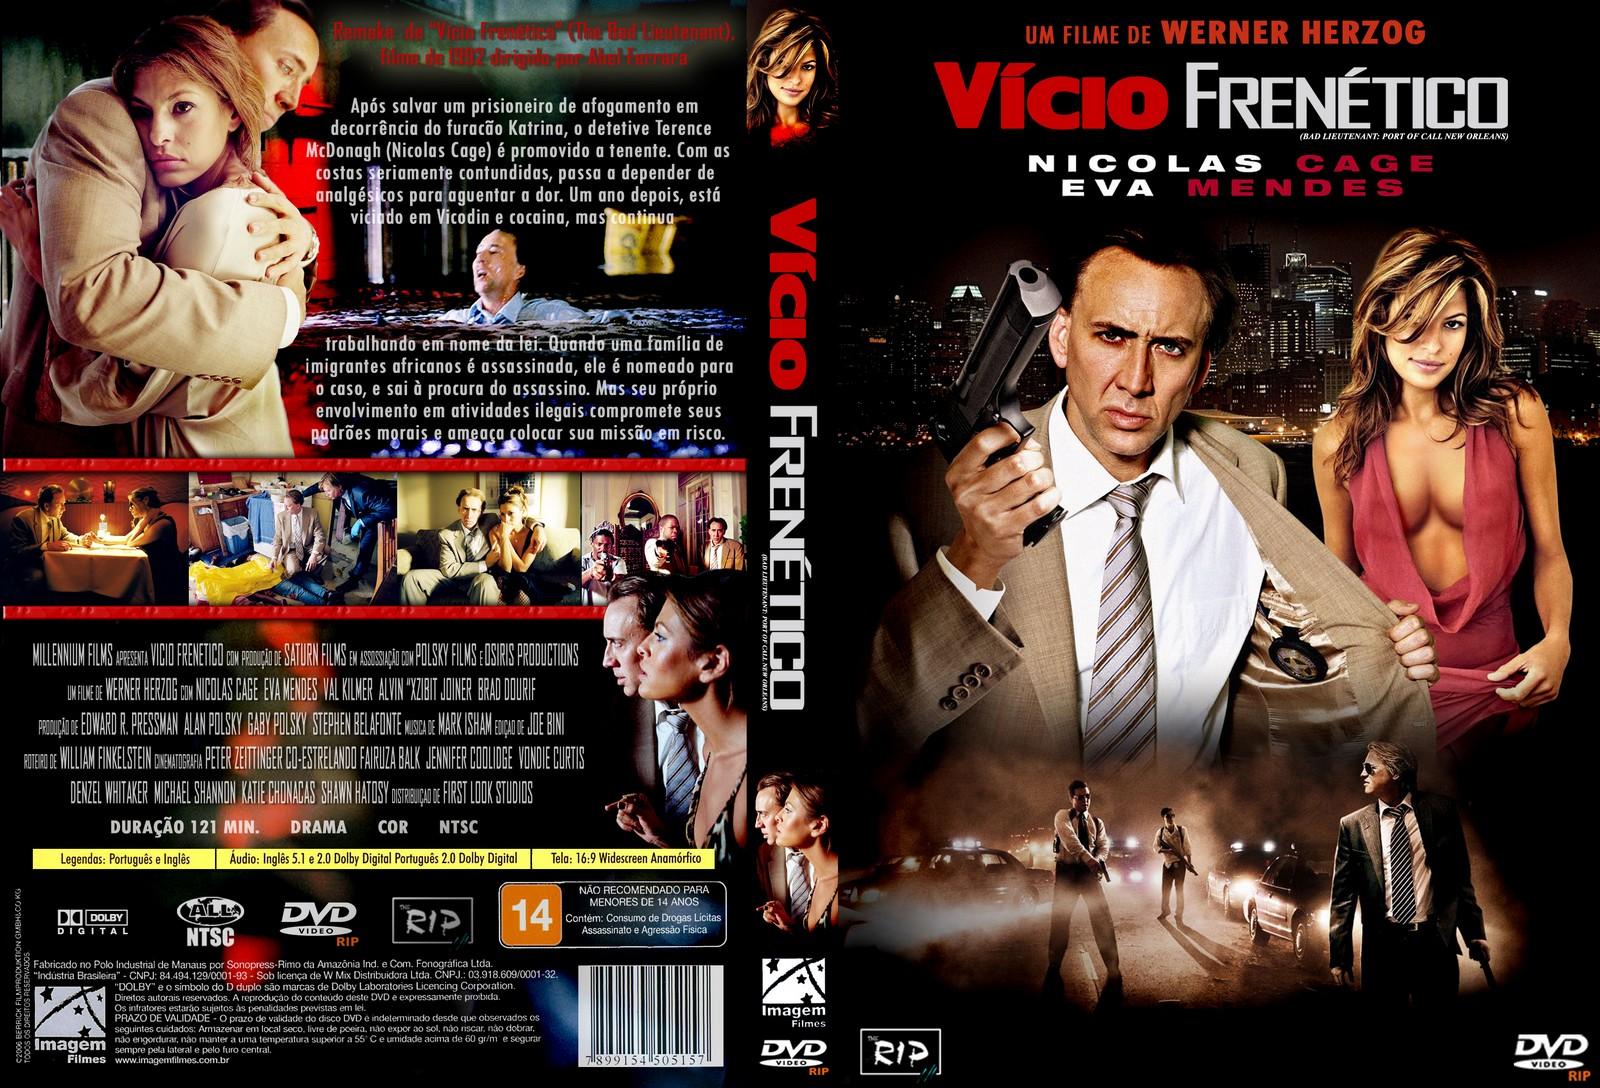 http://1.bp.blogspot.com/_V5rKwjMtm1k/S8Ep5NClboI/AAAAAAAAAG8/D1S4IRkuINE/s1600/Vicio_Frenetico_(custom).jpg